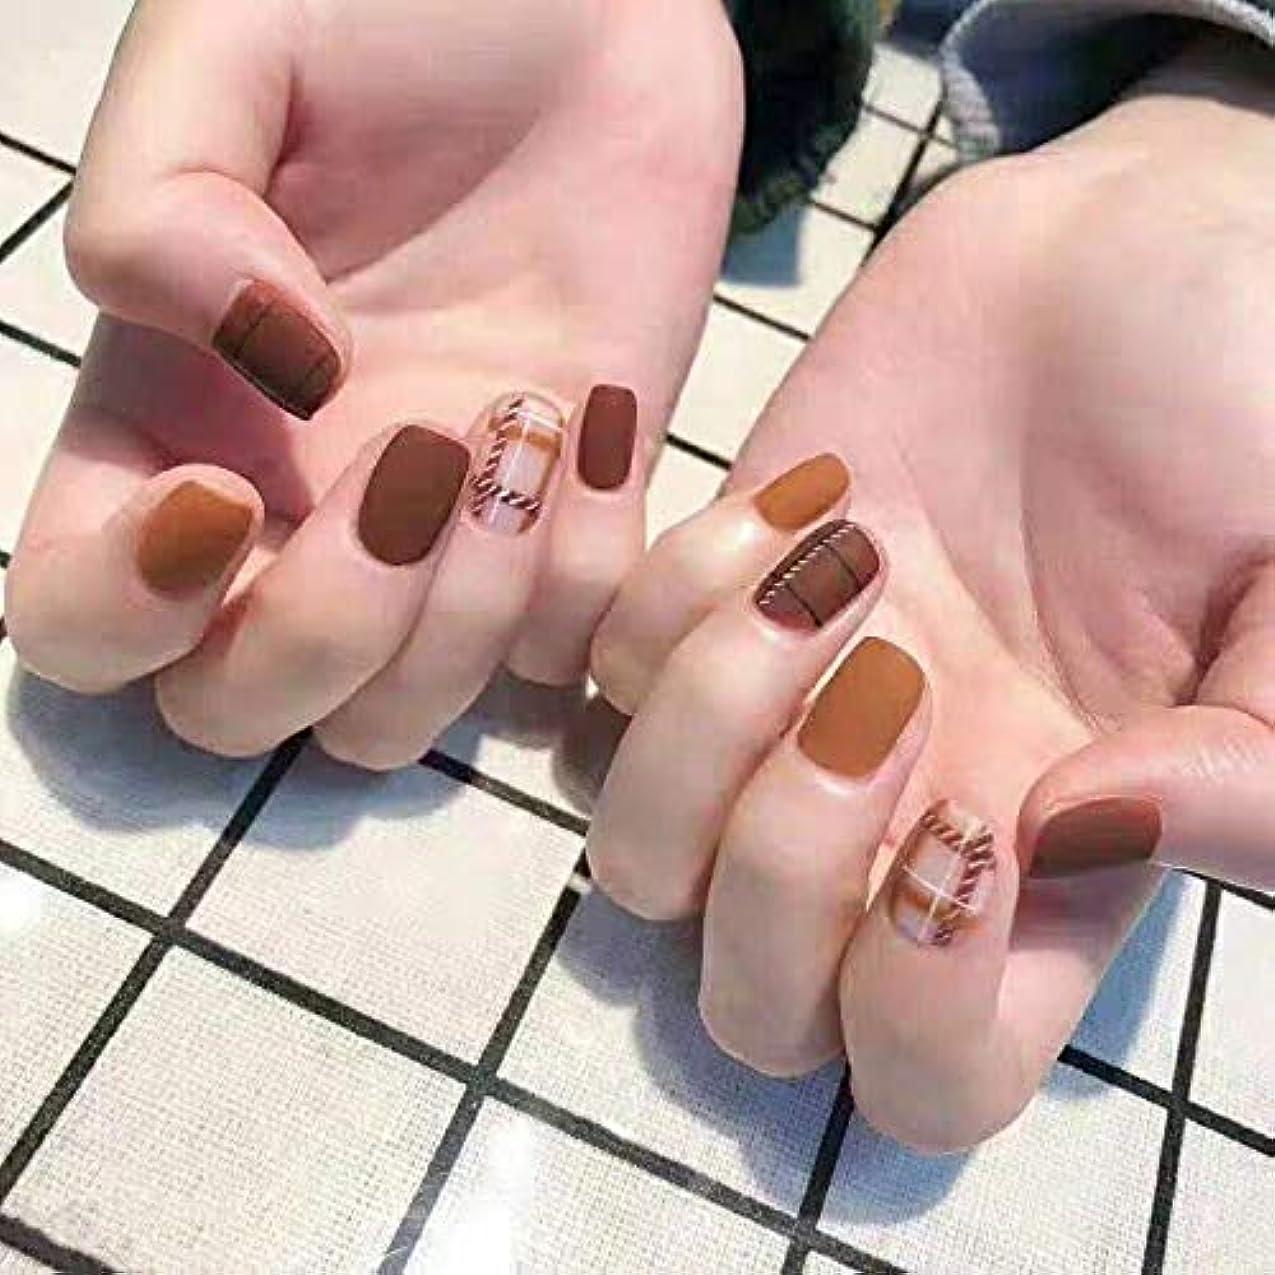 誰もスキル年齢XUANHU NAIL PATCH ネイルチップ つけ爪 付け爪 つけ方簡単 ネイル デコネイルコレクション シール ハロウィン 母の日 パーティ 人気 毎日変身 24枚セット